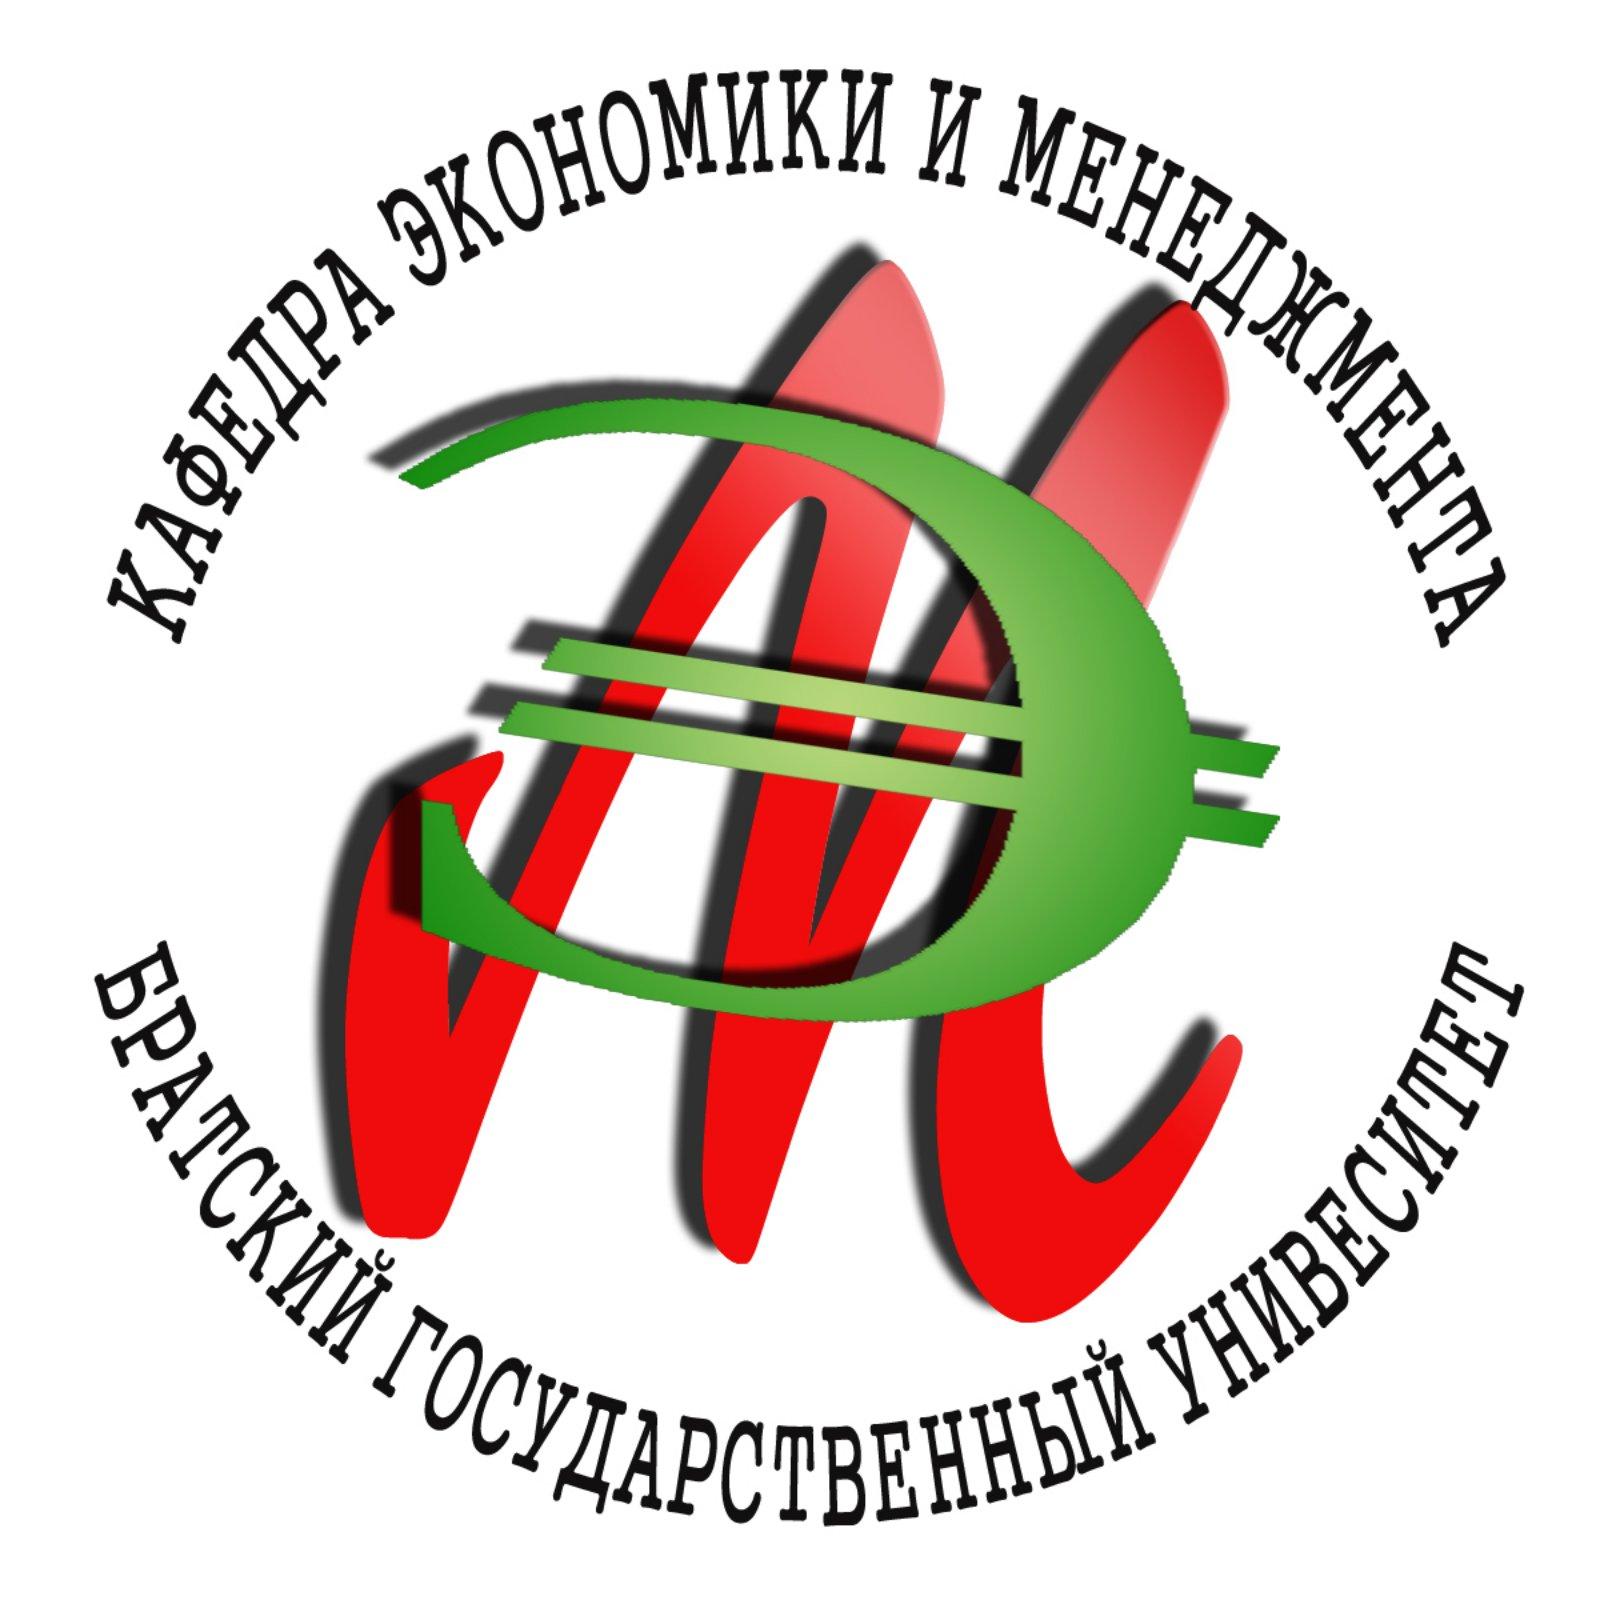 Базовая кафедра Экономики и Менеджмента (ЭиМ) ФЭиС БрГУ